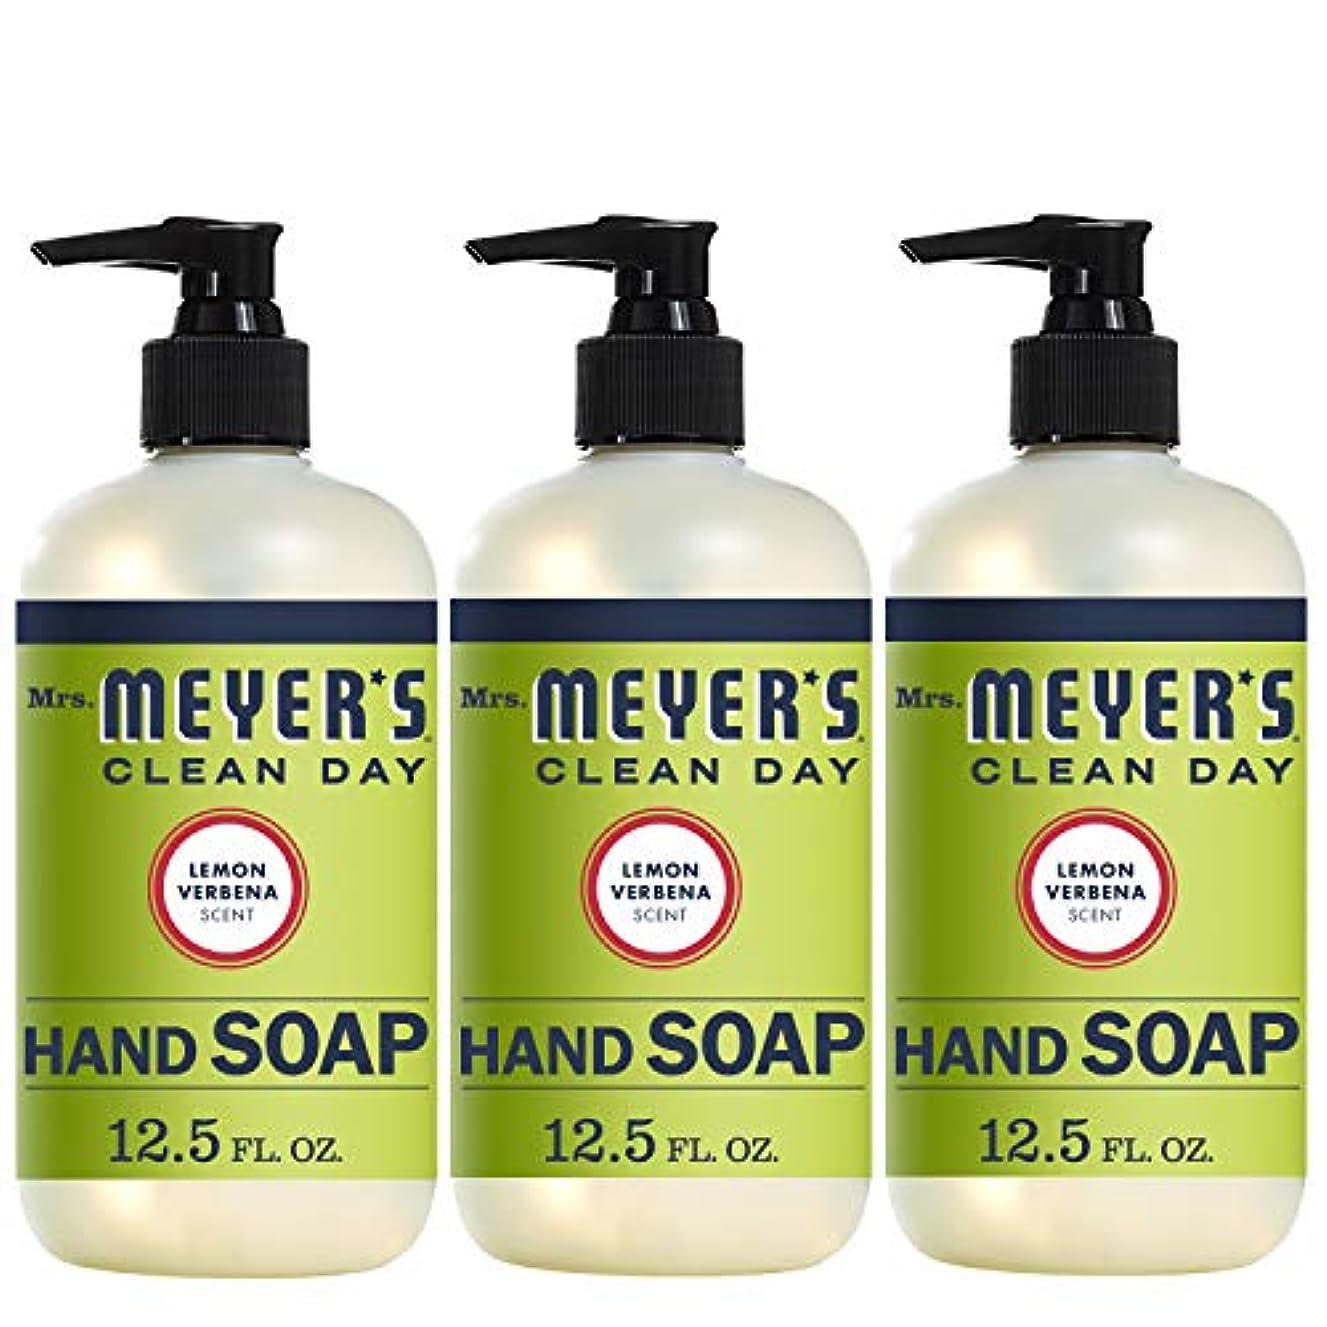 作成者争い見習いMrs. Meyers Clean Day ハンドソープ レモン Verbena 12.5液量オンス